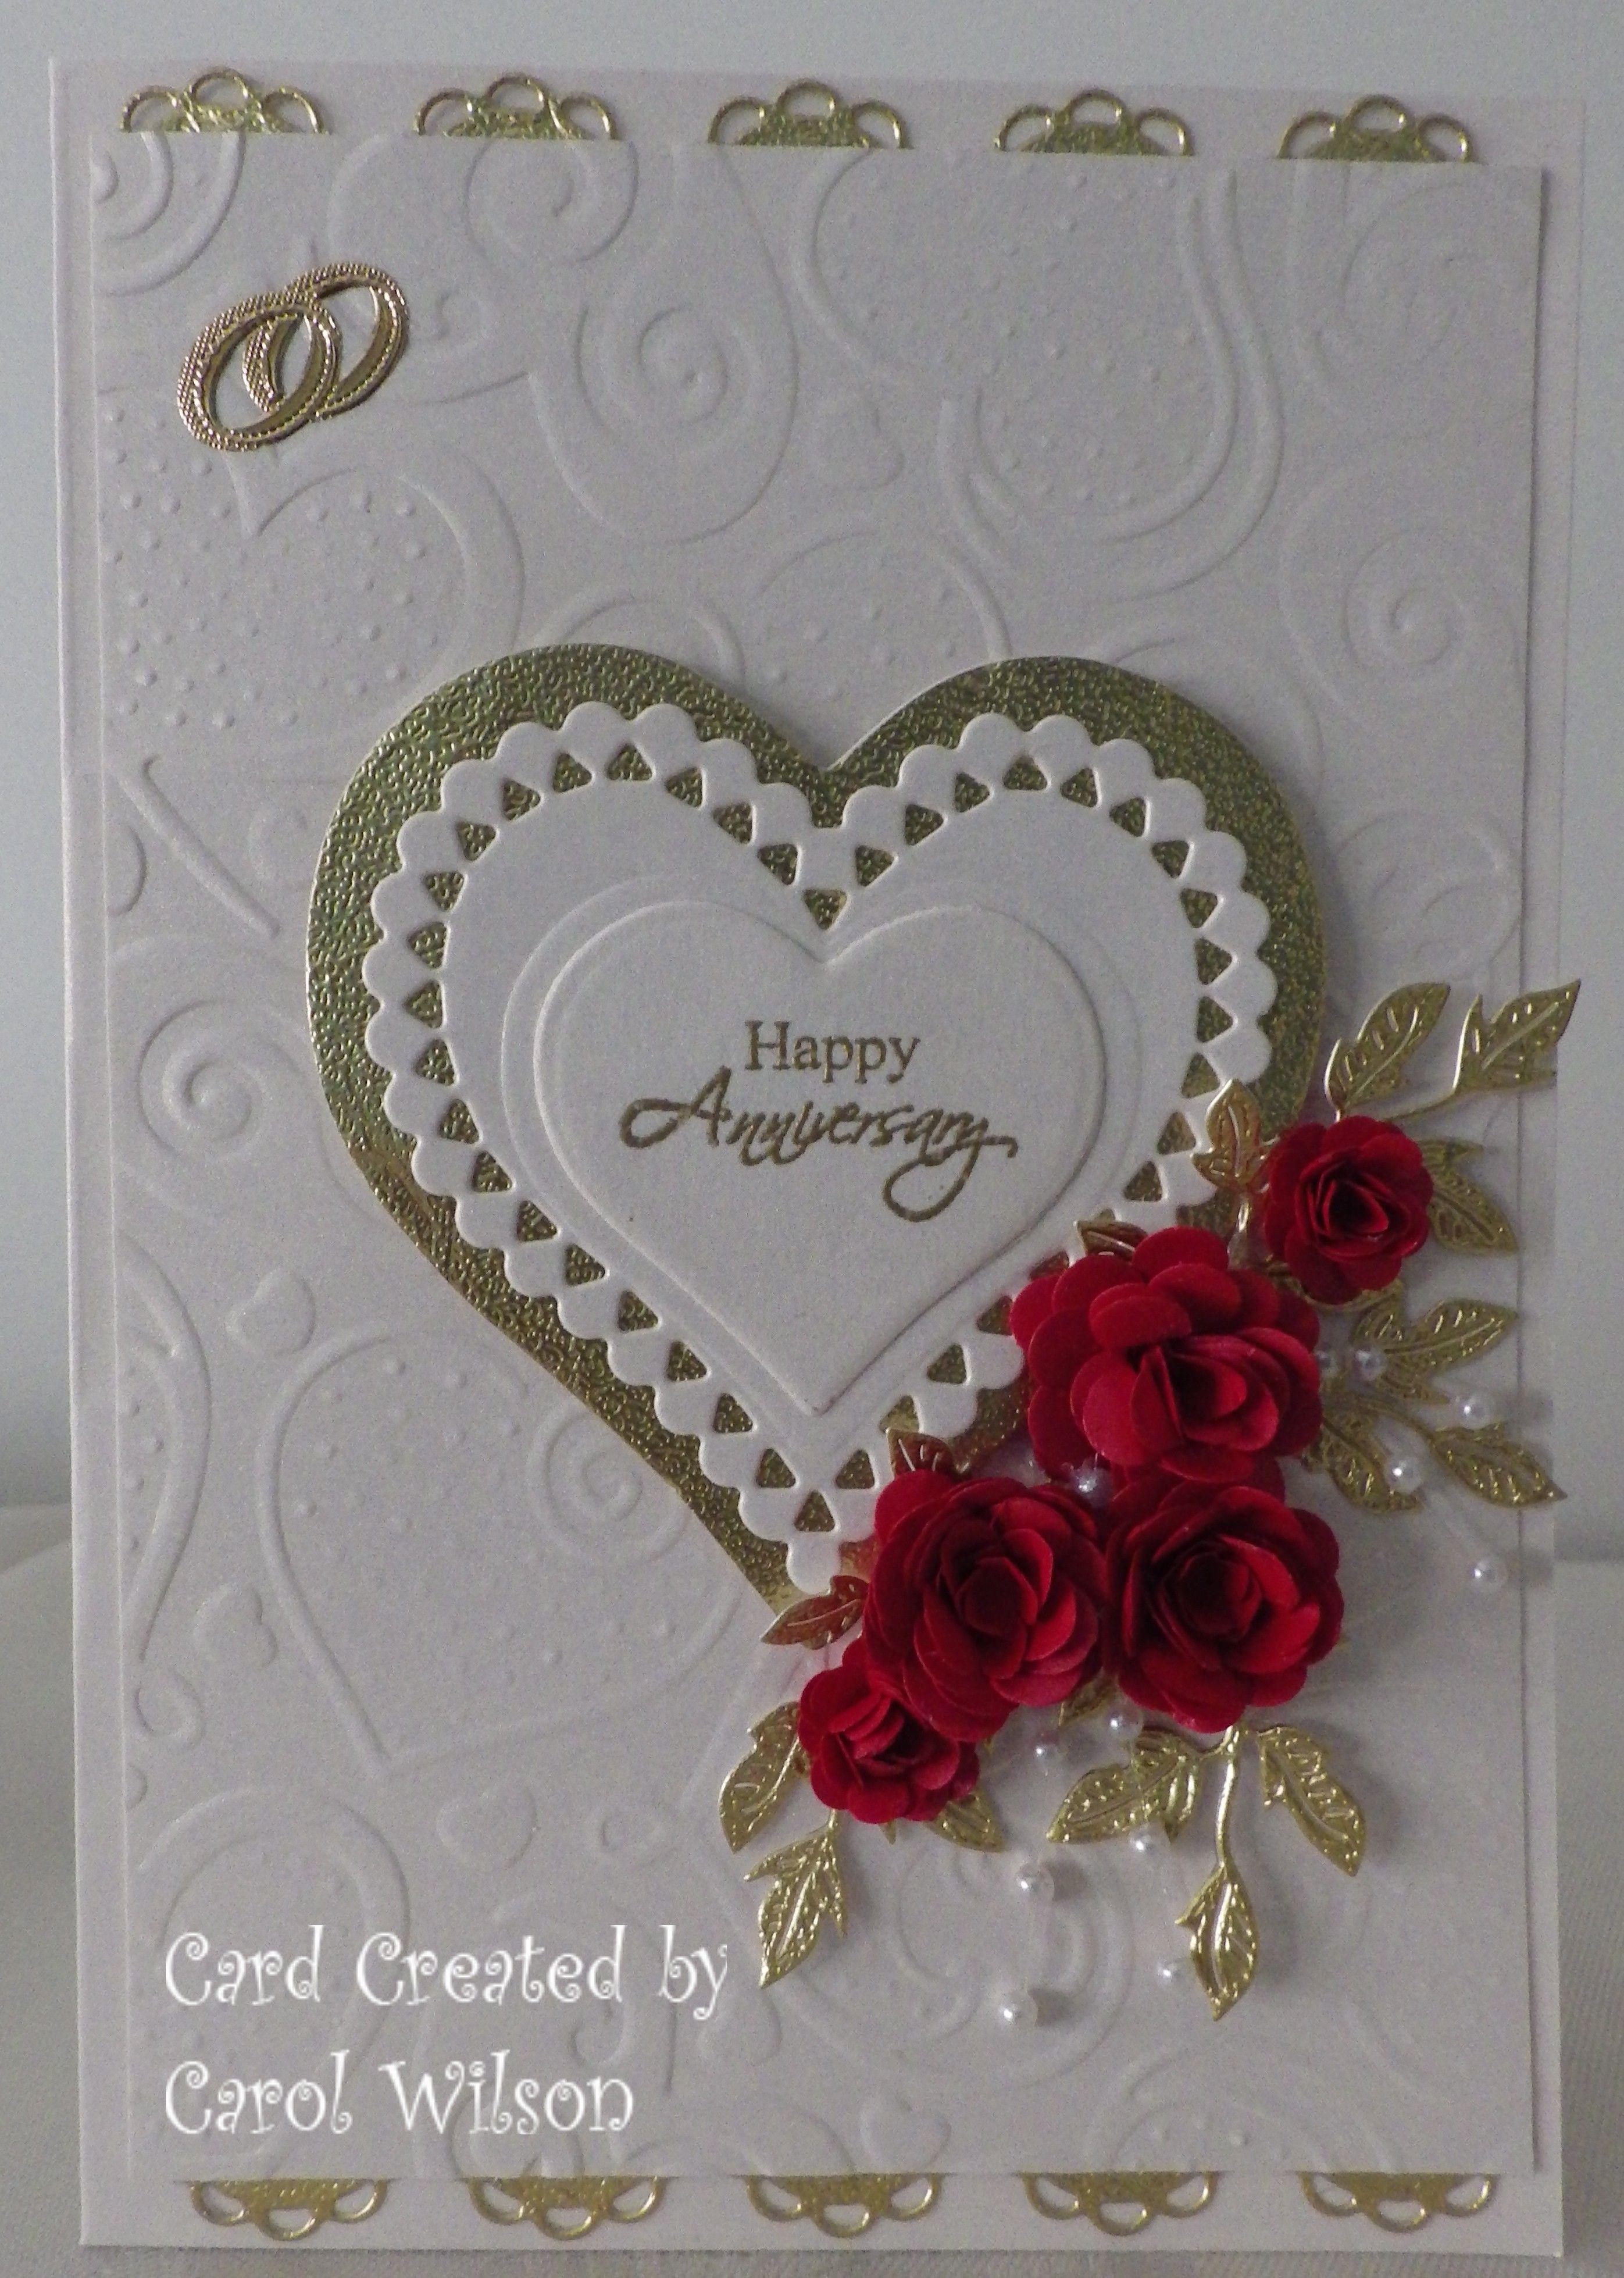 20th Wedding Anniversary Card Wedding Anniversary Cards Wedding Cards 20 Wedding Anniversary